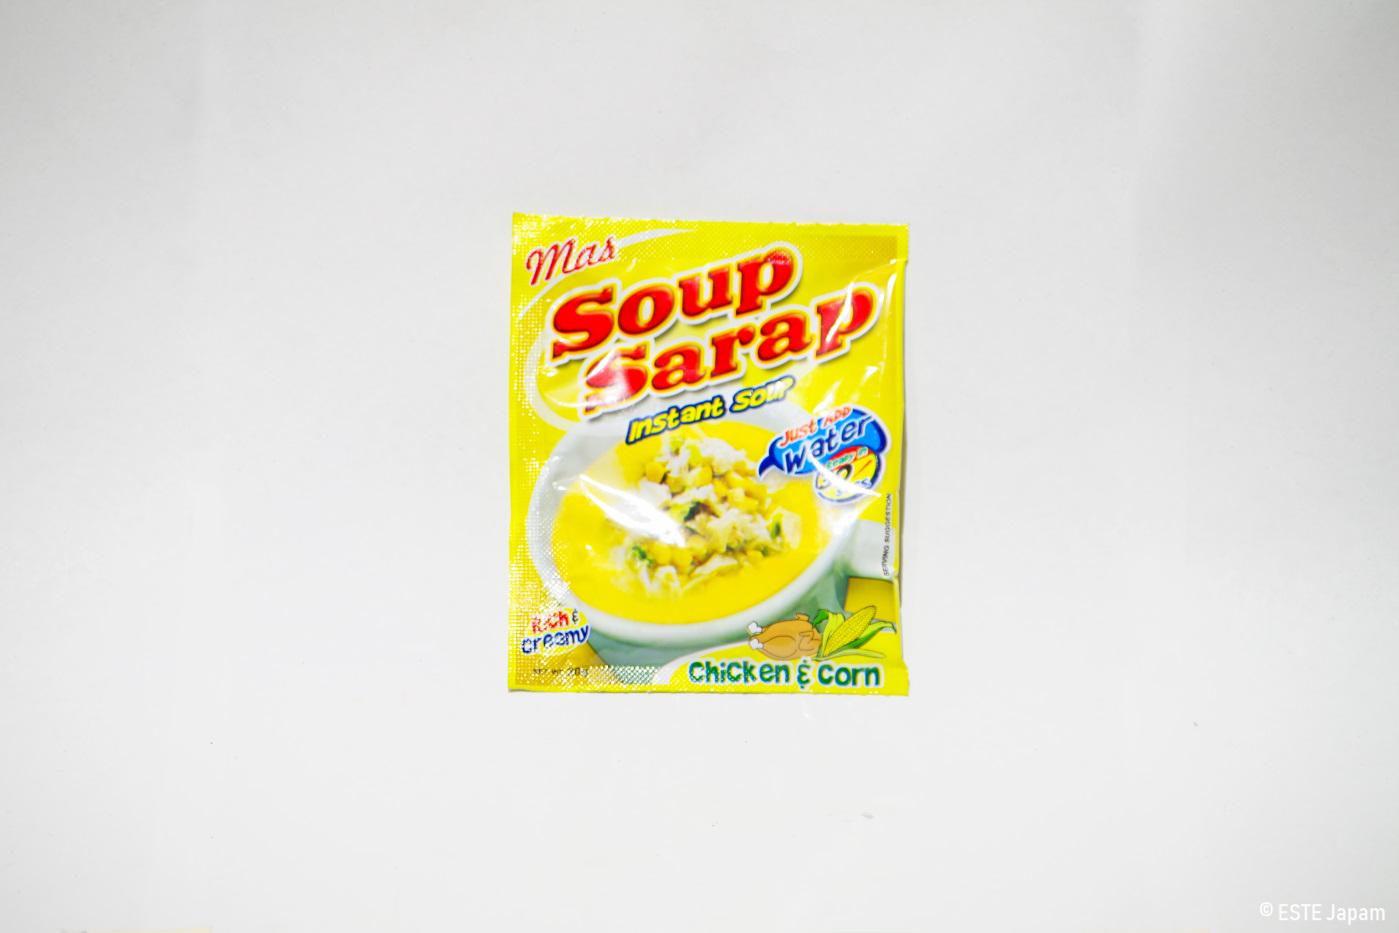 インスタントスープのチキン&コーン味